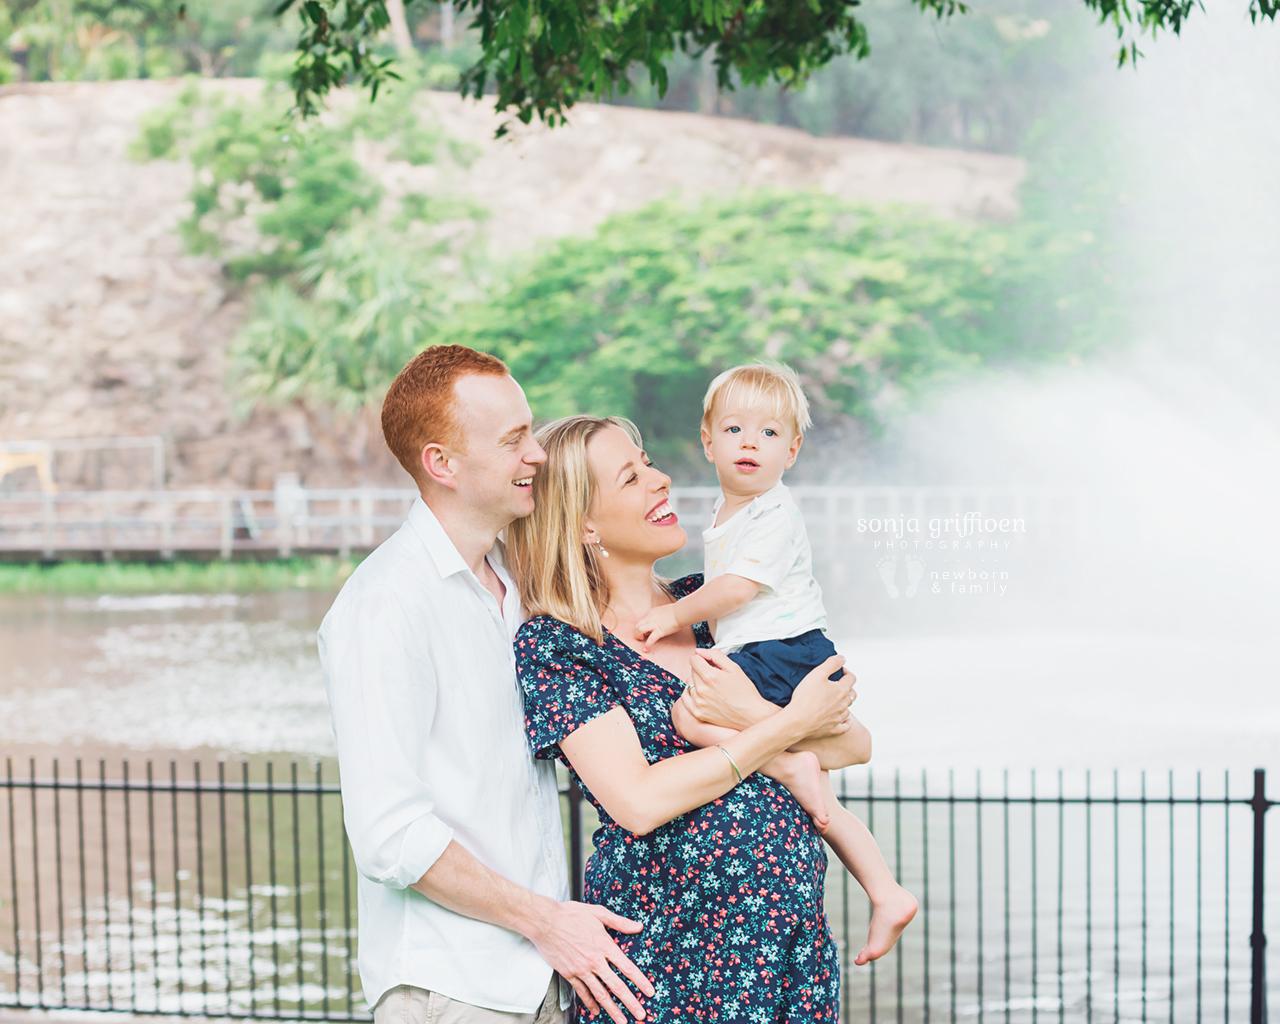 Kim-Maternity-Brisbane-Newborn-Photographer-Sonja-Griffioen-031.jpg